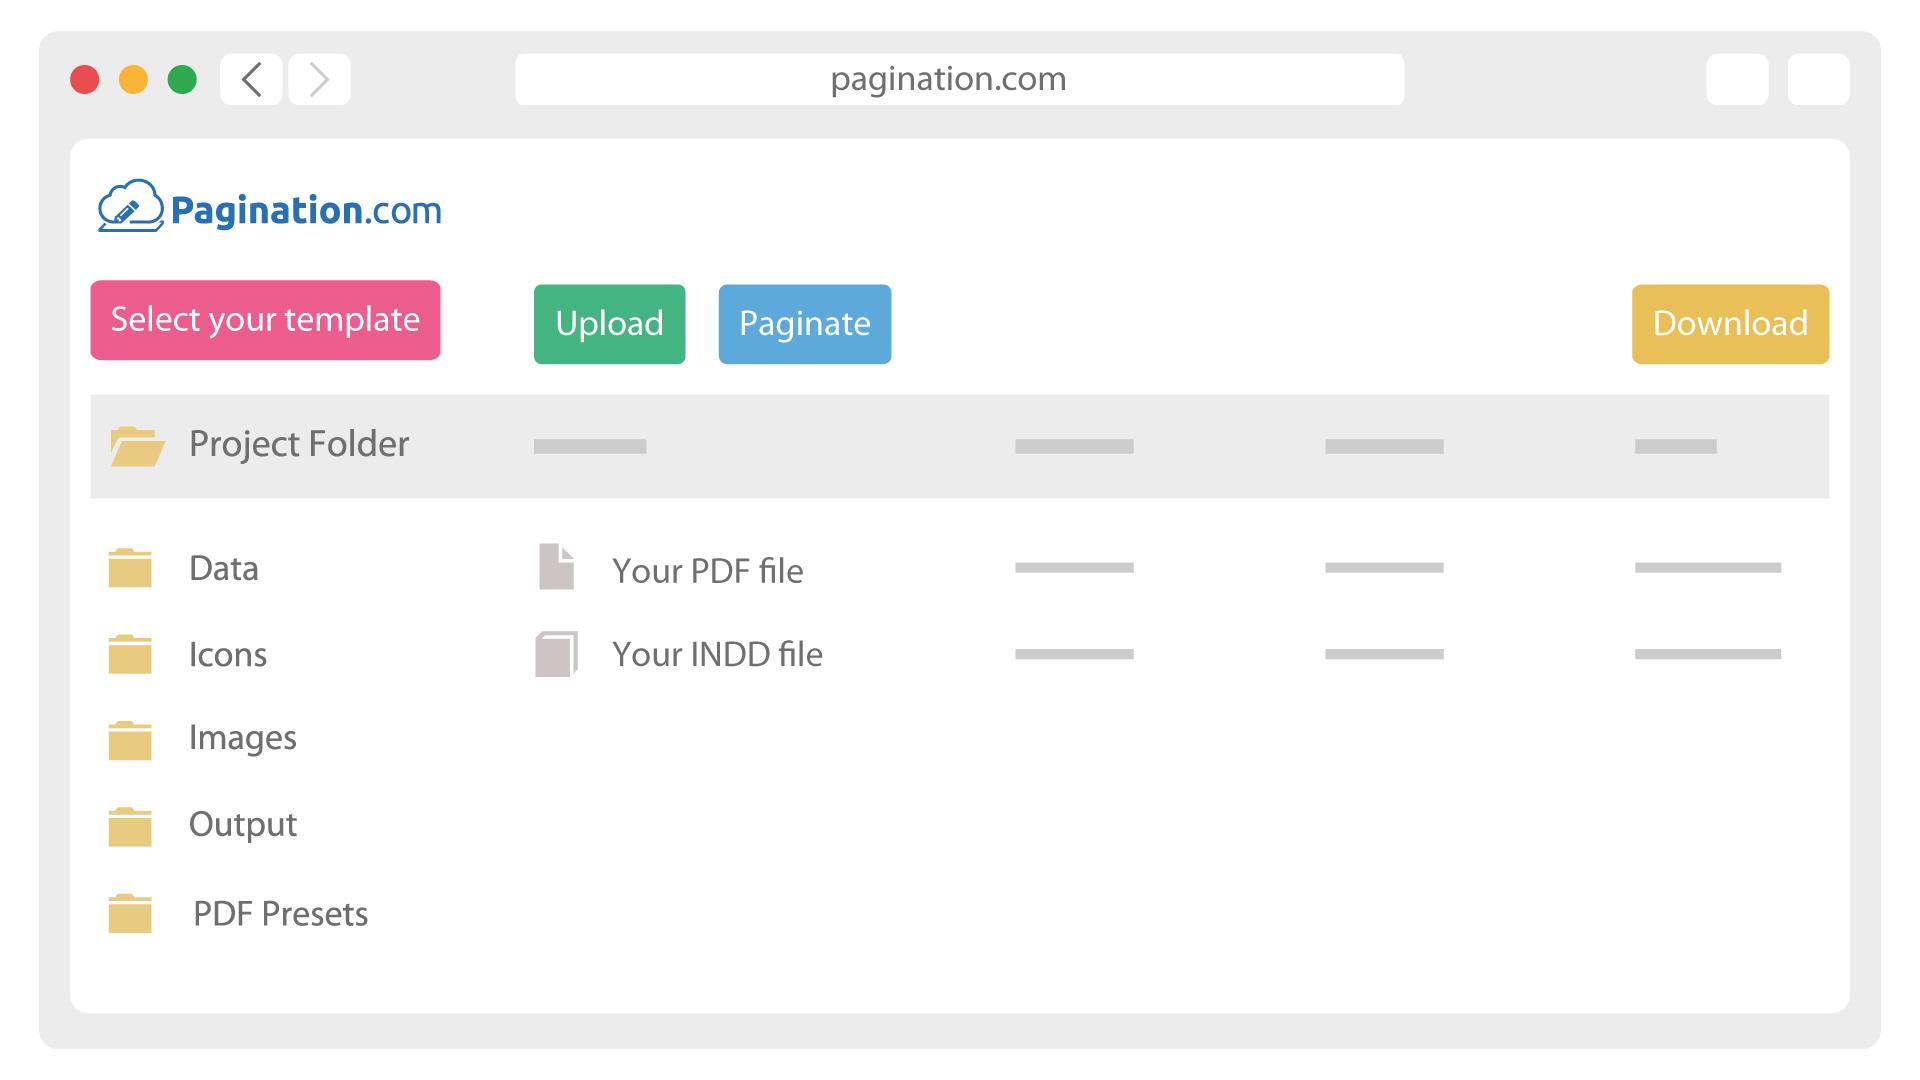 Software de publicación de bases de datos - Pagination.com